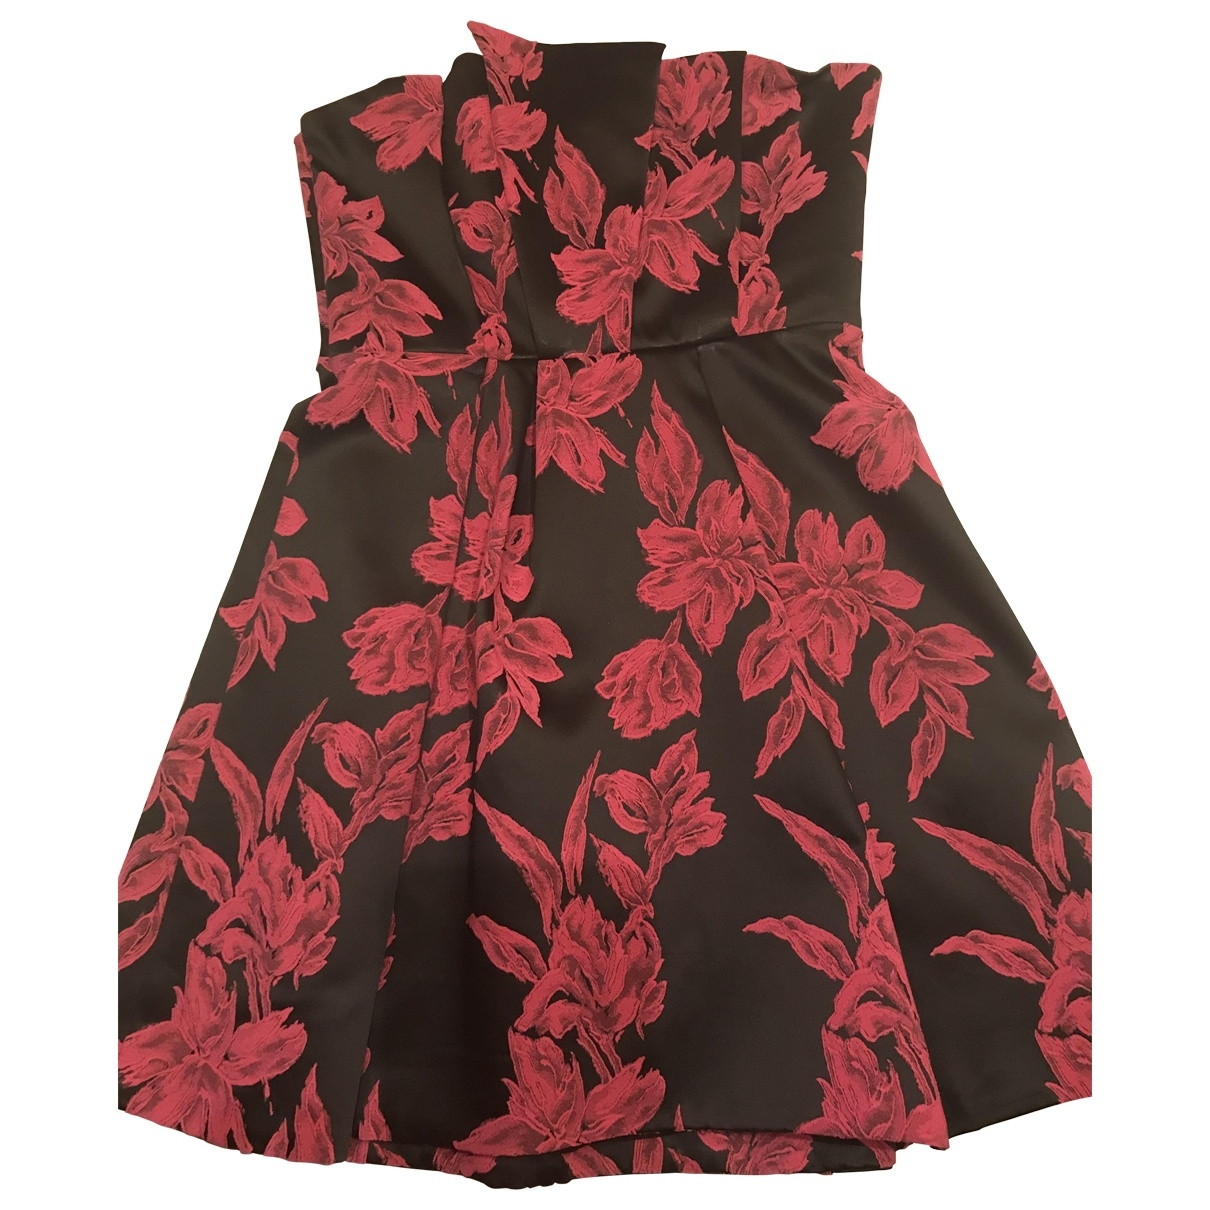 Liu.jo \N Black Cotton dress for Women 40 IT